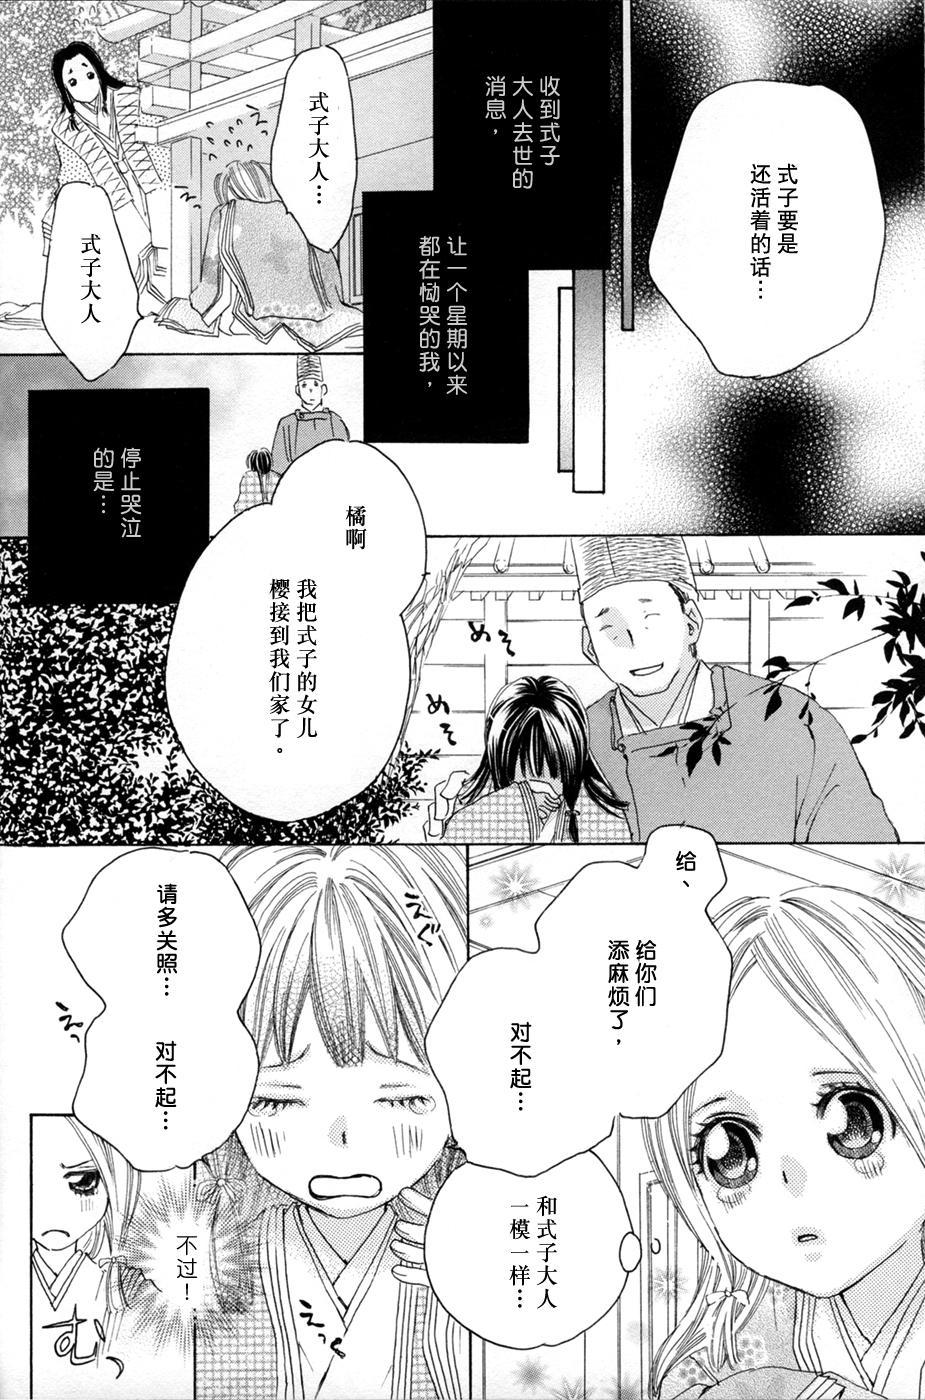 Itoshi wo Tome - Kimi ga Kokoro wa 17